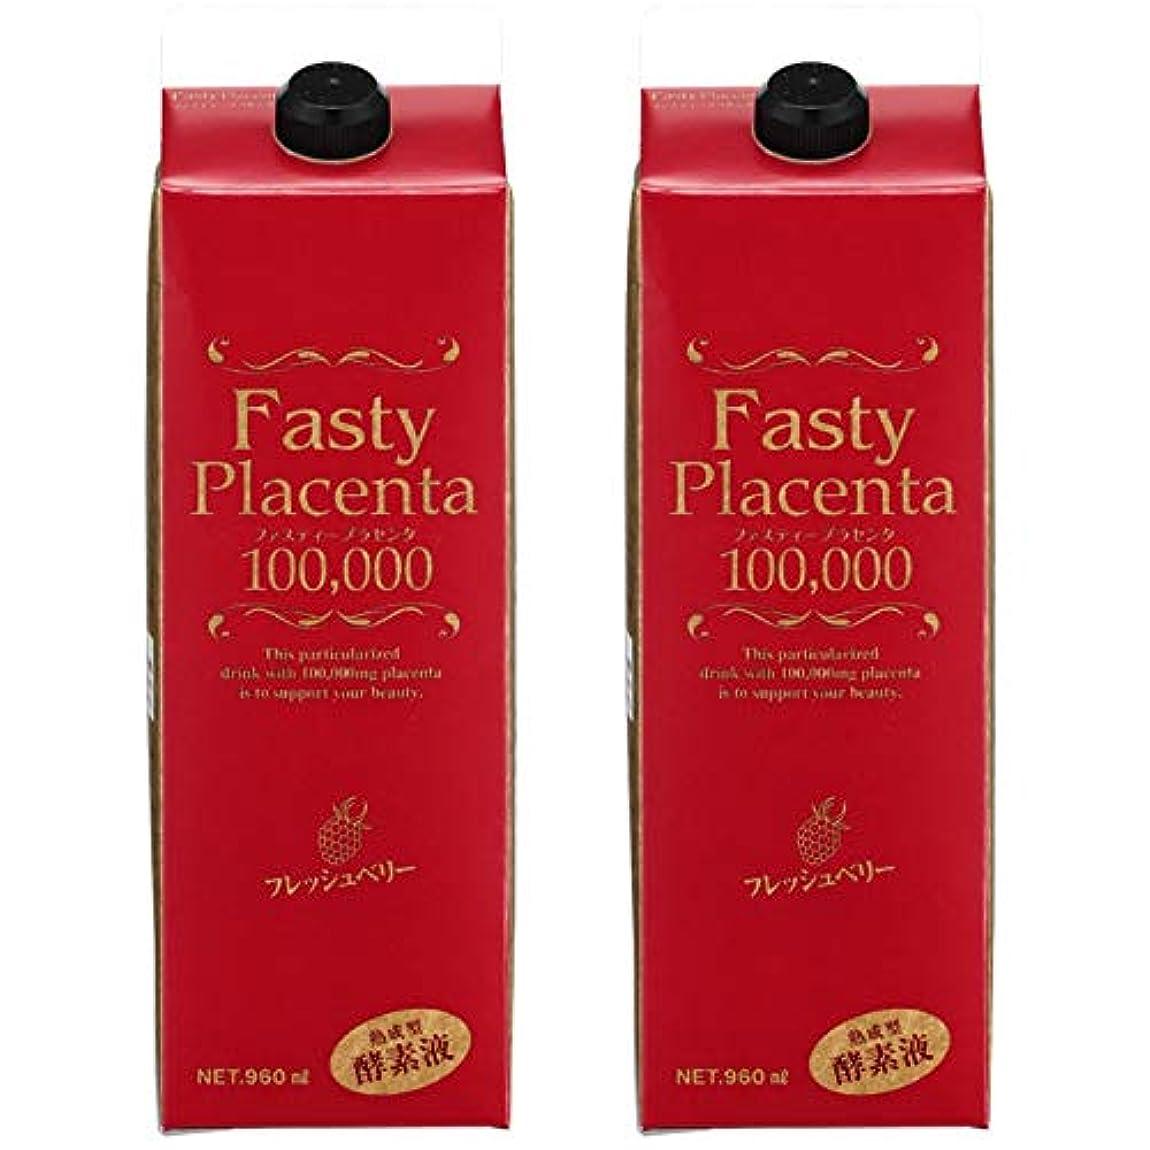 置くためにパック袋弱まるファスティープラセンタ100,000 増量パック(フレッシュベリー味)2個